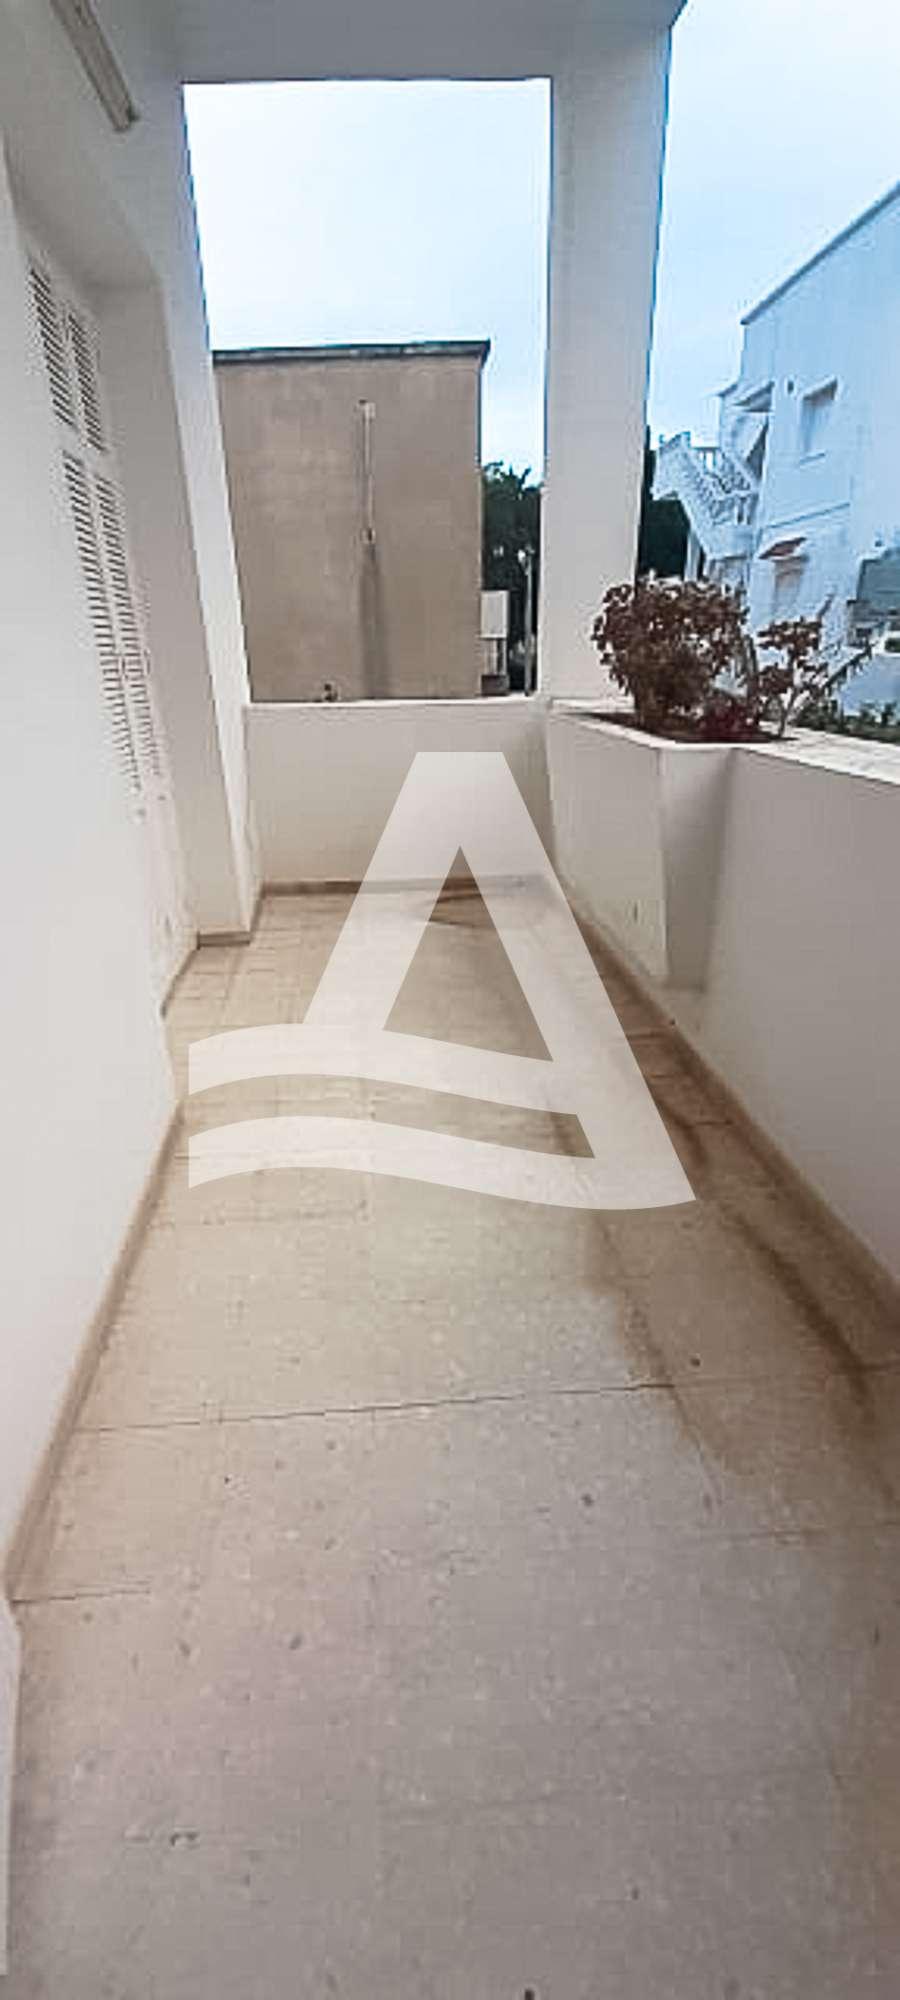 httpss3.amazonaws.comlogimoaws_Arcane_immobilière_la_Marsa-_location_-_vente_la_marsa__-10_1583429653010-2